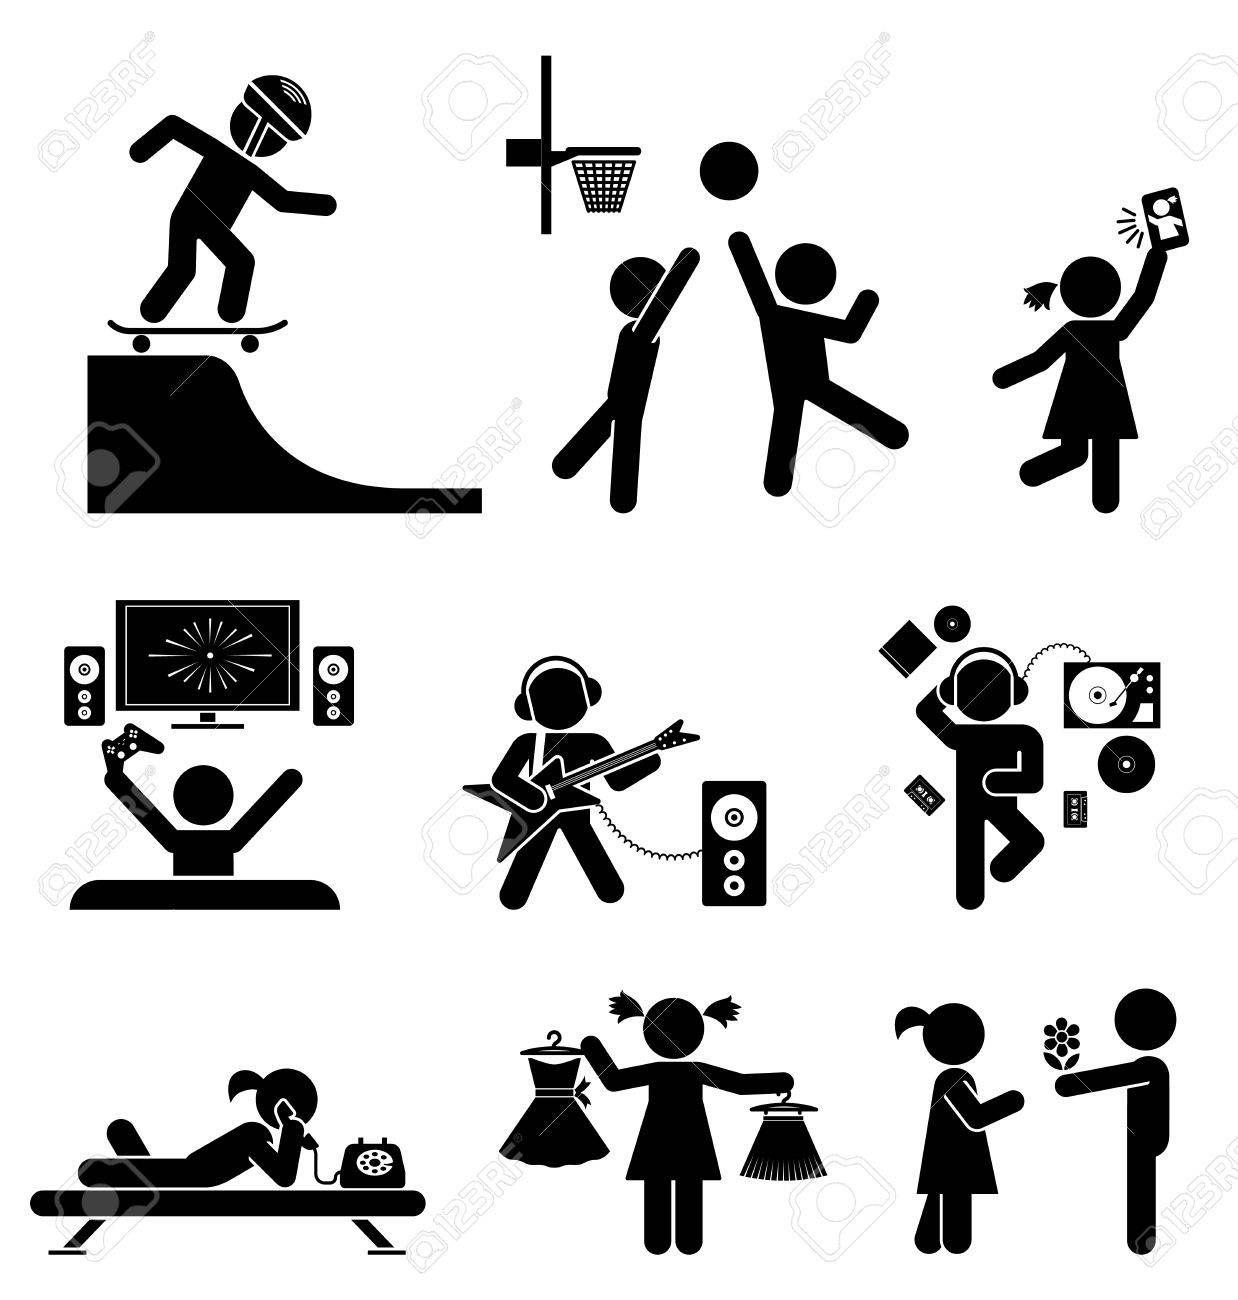 Piktogramme Der Tenagers Spass Vektor Reihe Von Flach Symbole Piktogramm Illustration Symbole